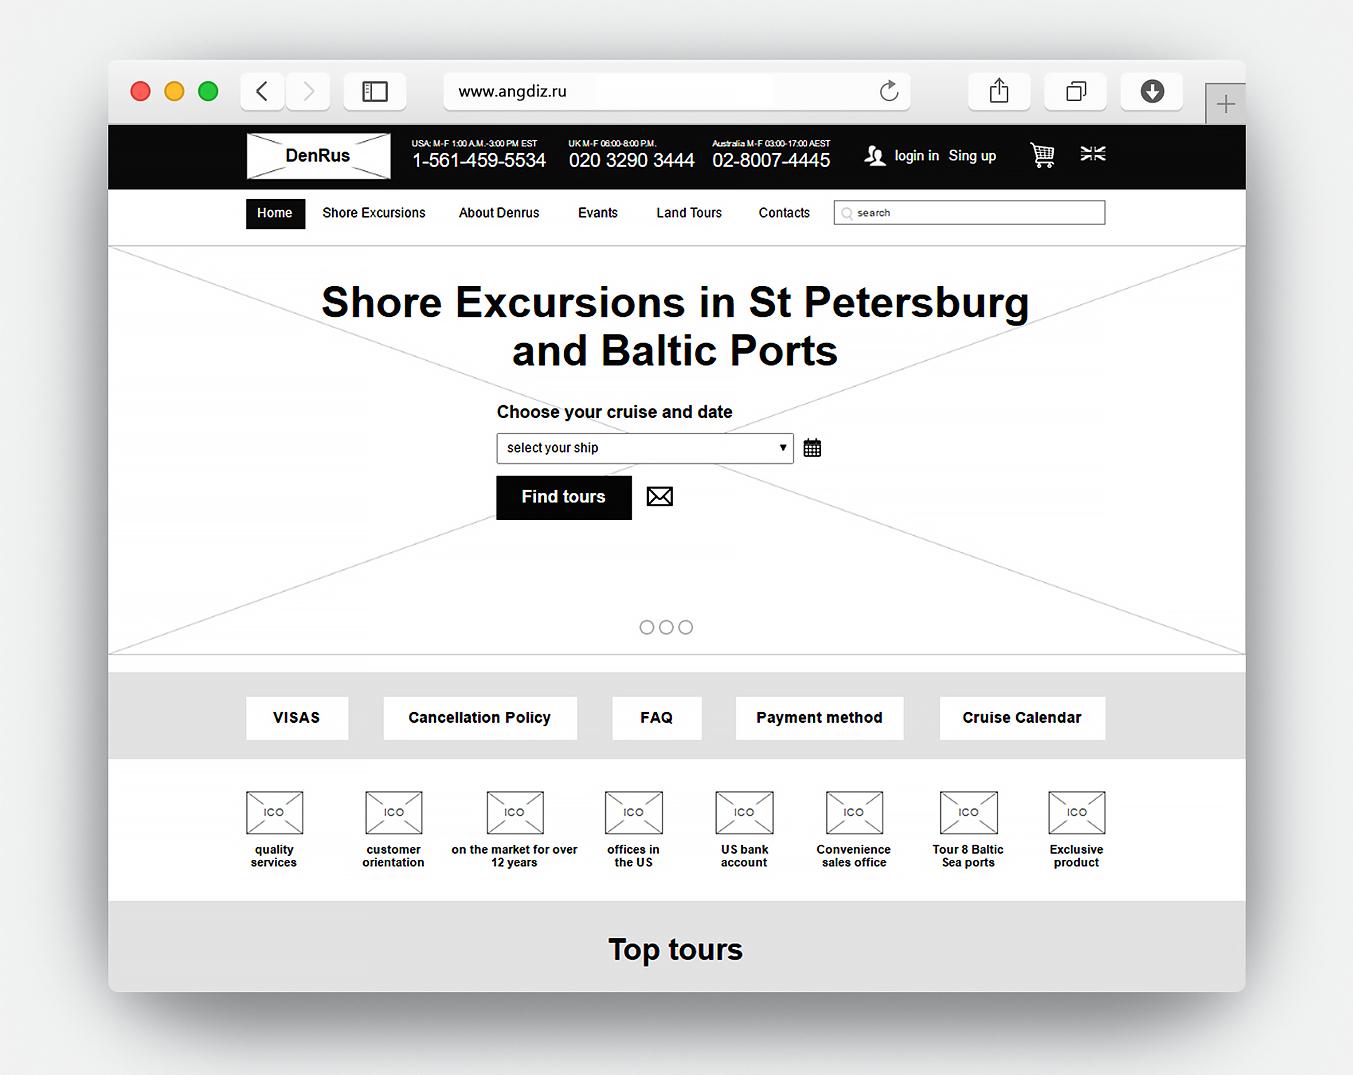 Интерактивный прототип корпоративного сайта